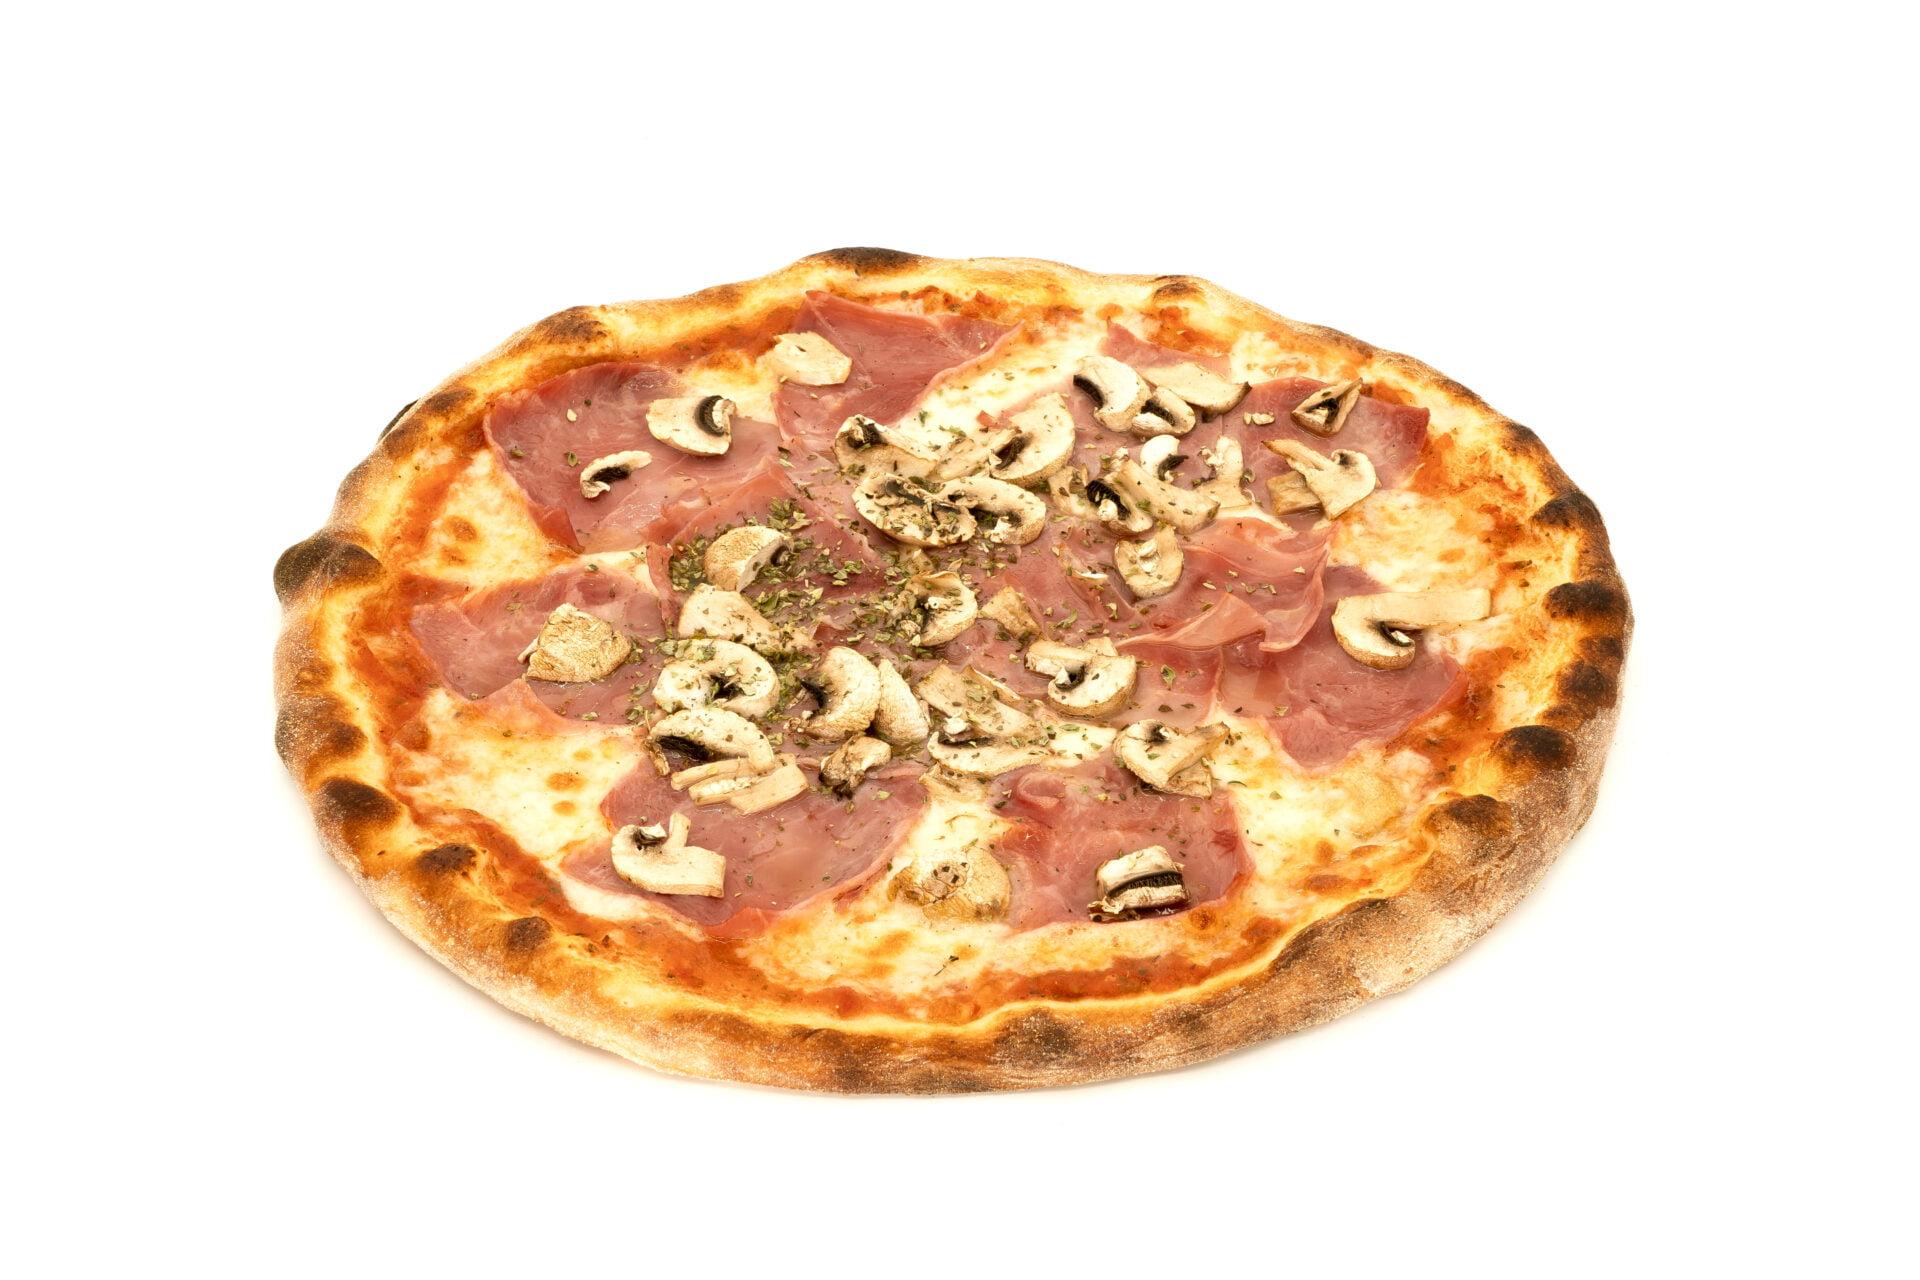 Best Pizza - Pizza Prosciutto e Funghi